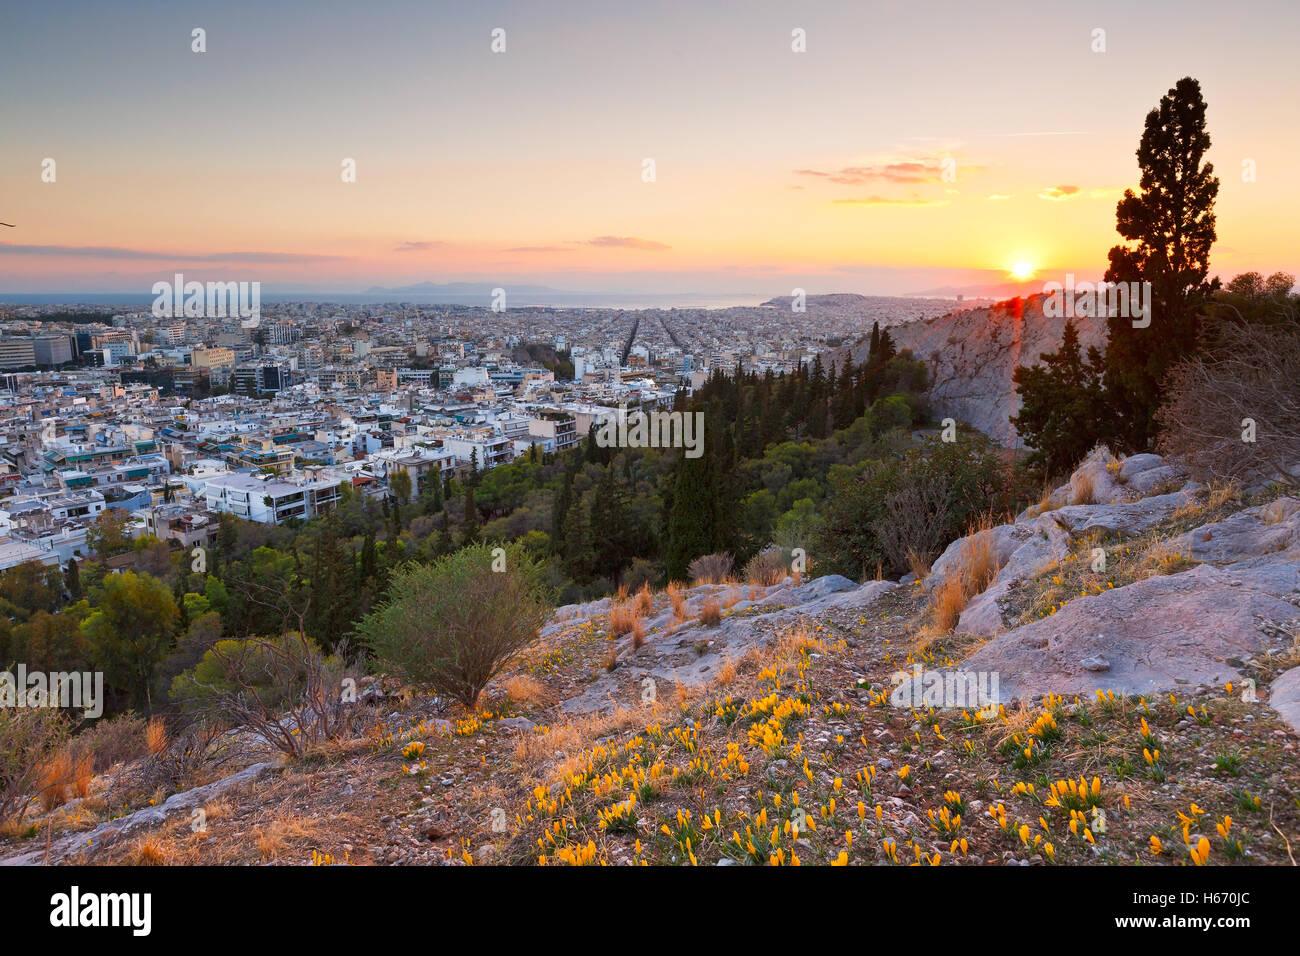 Abends Blick auf Athen vom Philopappos Hügel, Griechenland. Stockbild